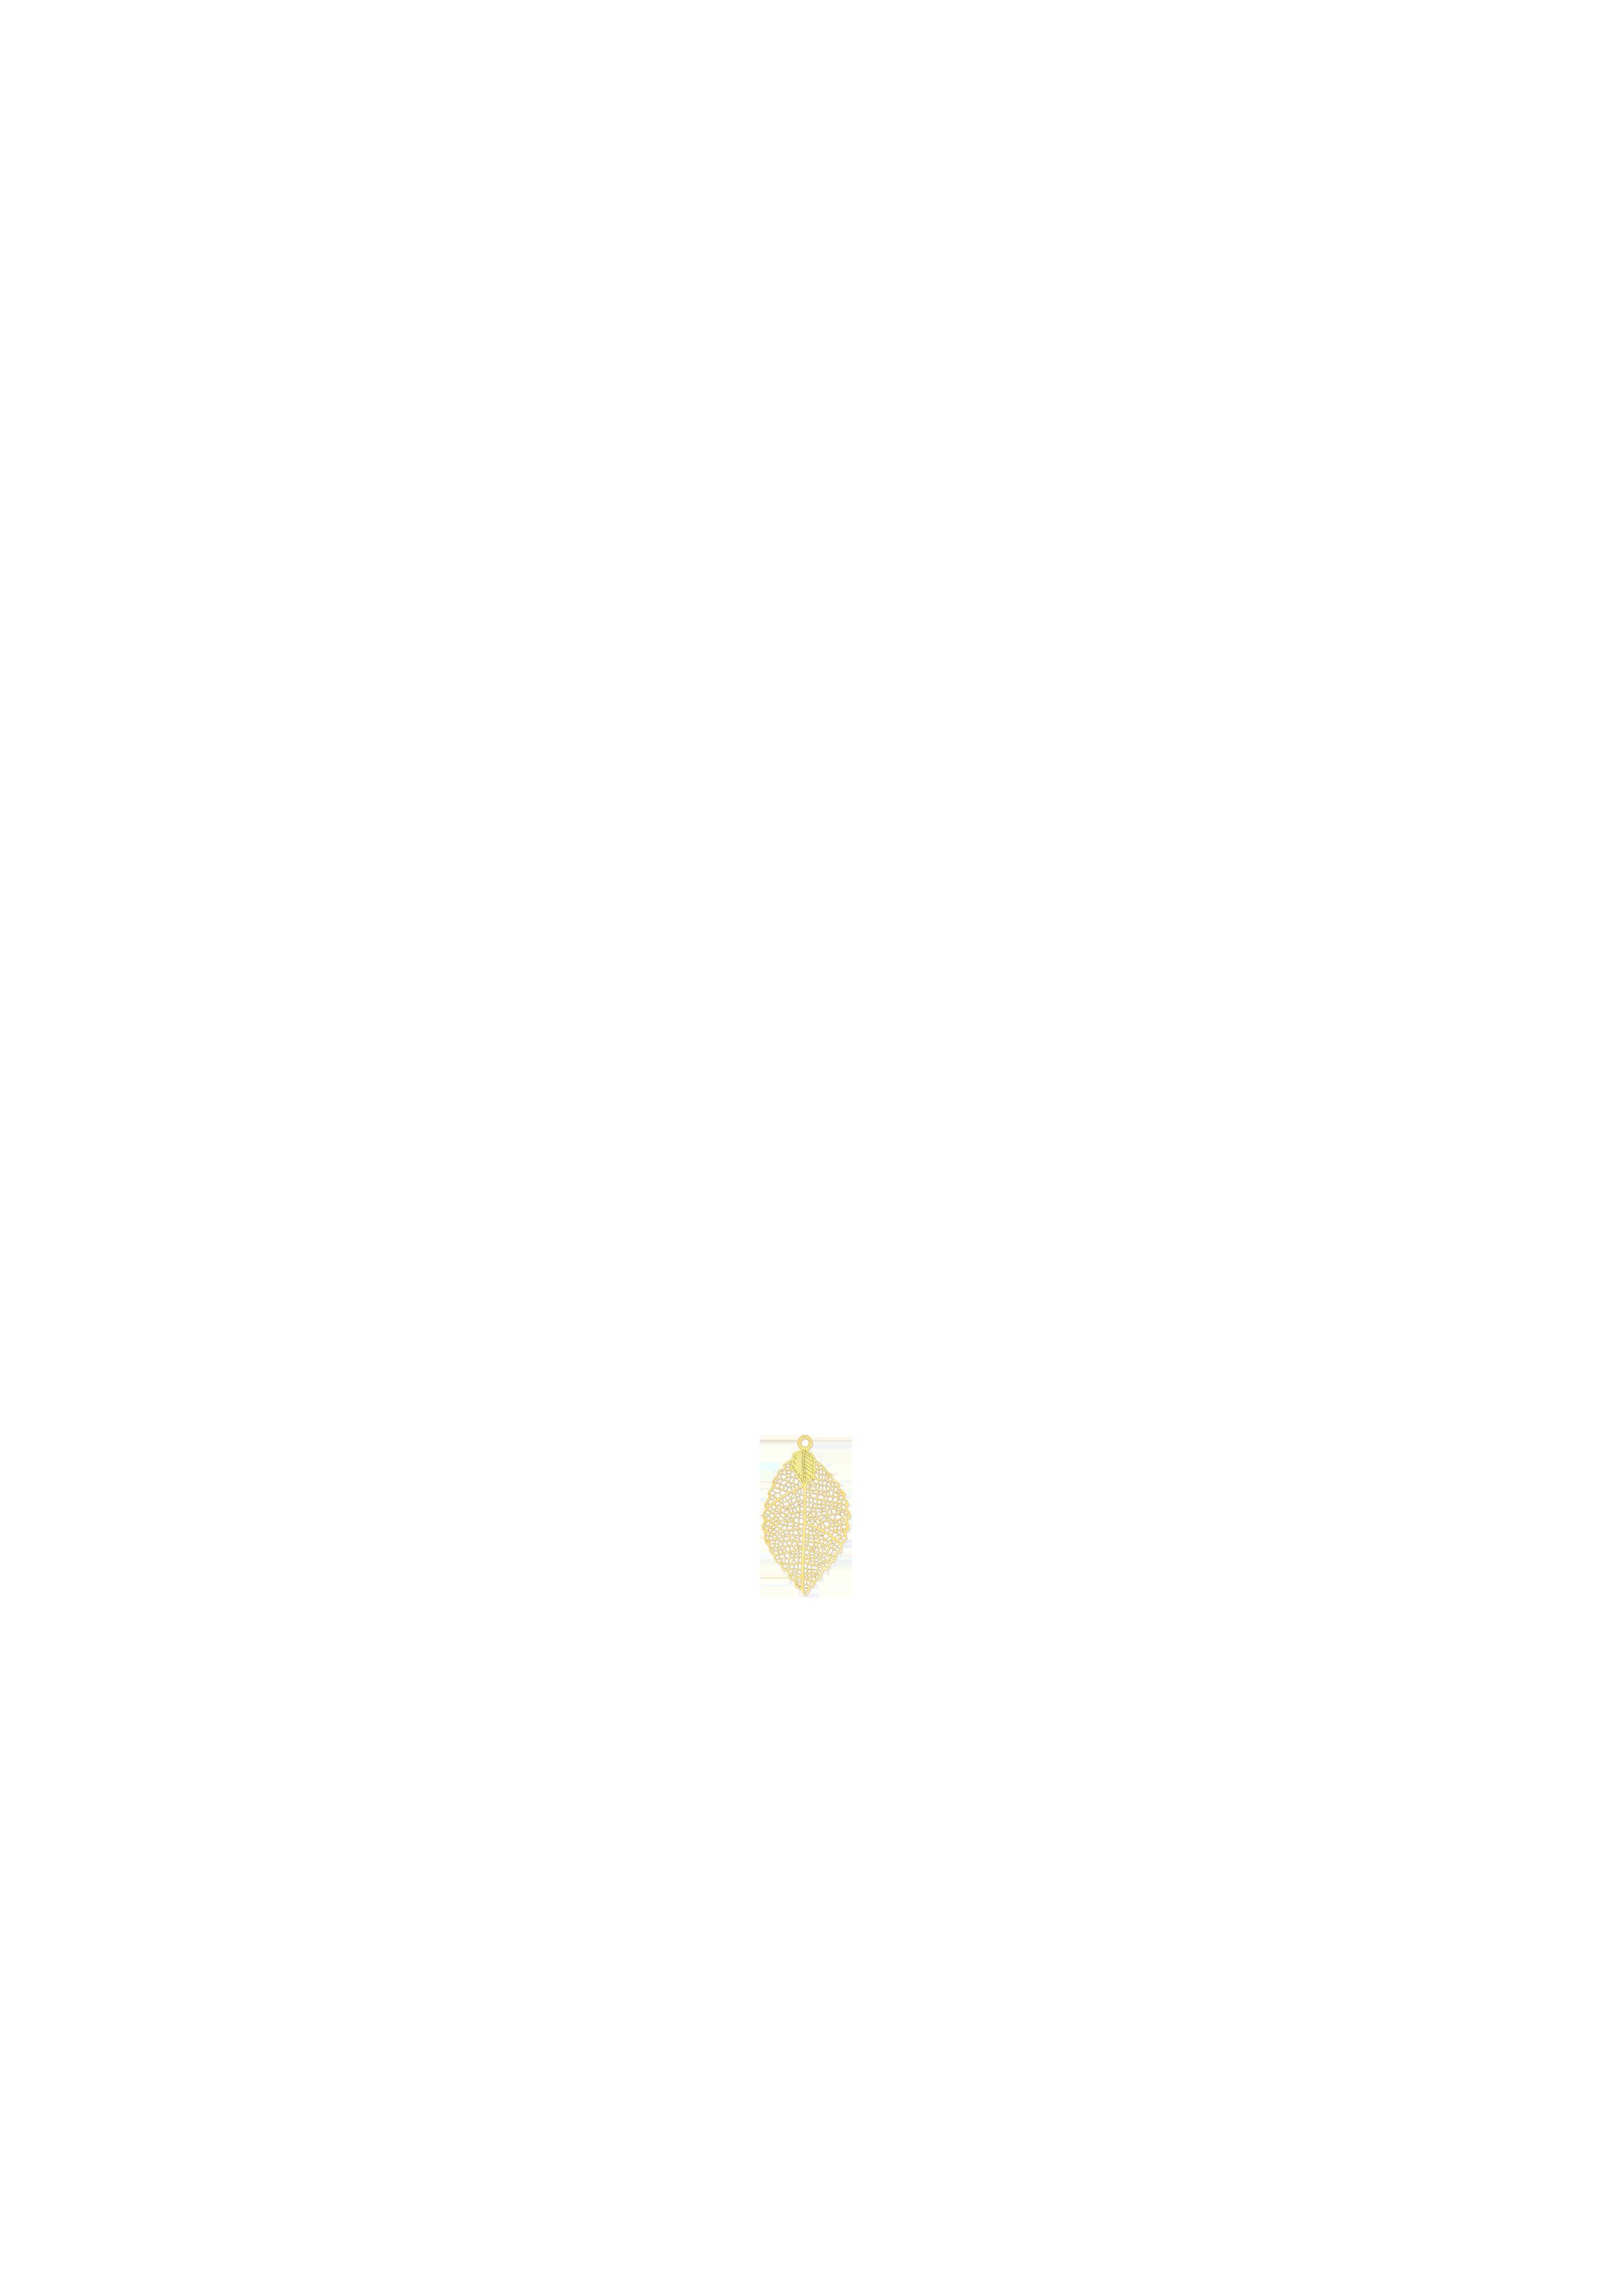 petite feuille dorée